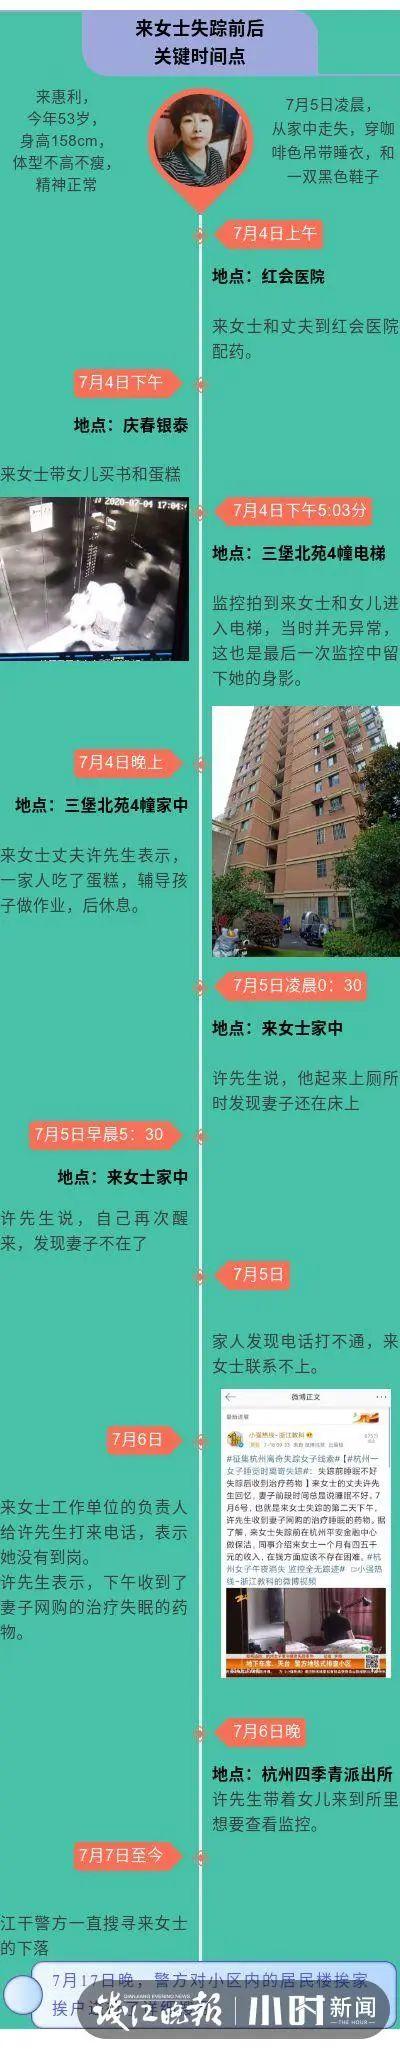 【绿萝算法】_杭州女子离奇失踪已14天:网红蜂拥而至 很多猜测警方已排除